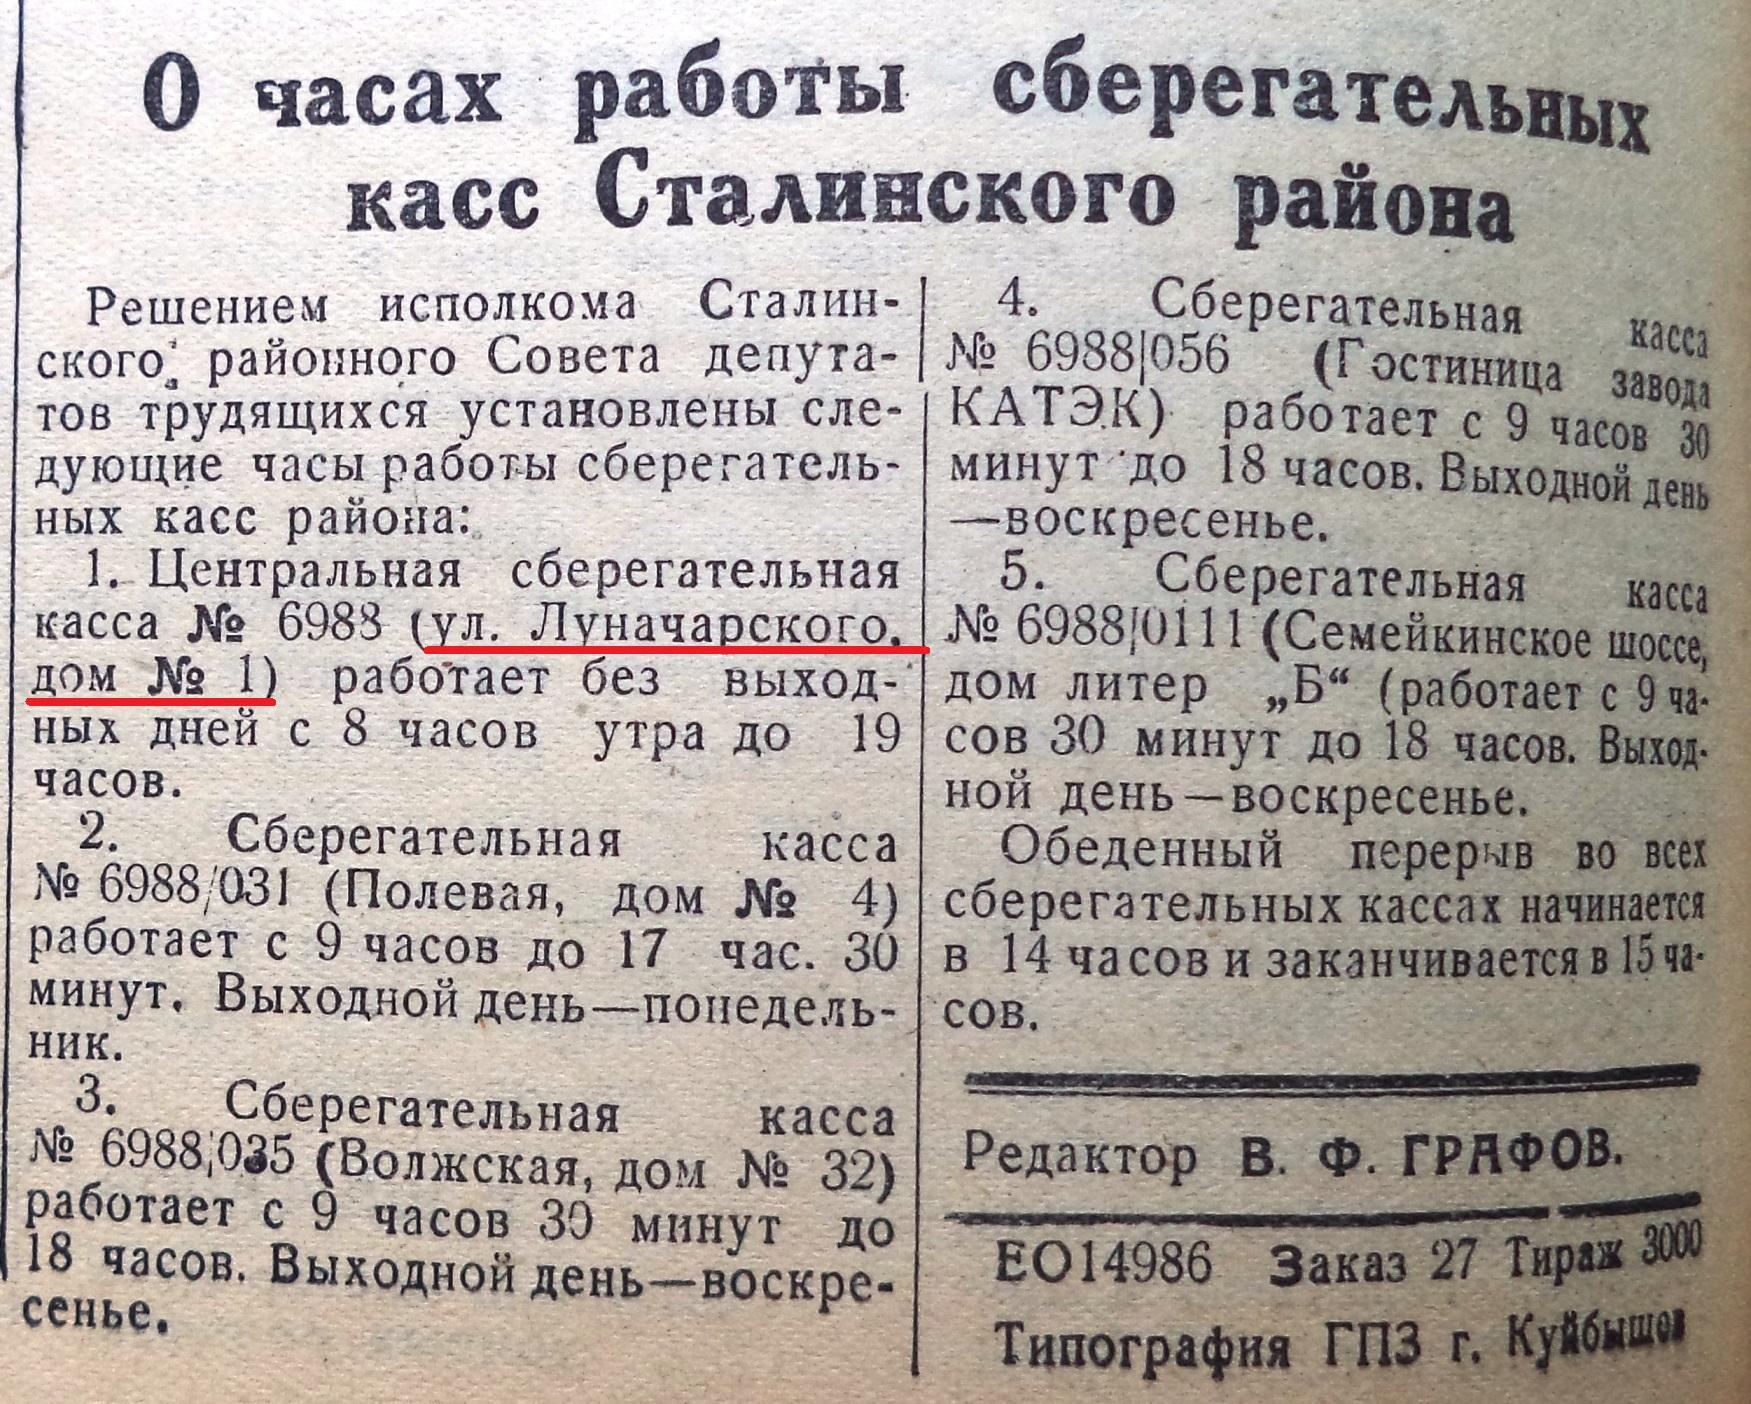 ФОТО-Луначарского-25-Сталинский Призыв-1953-21 октября